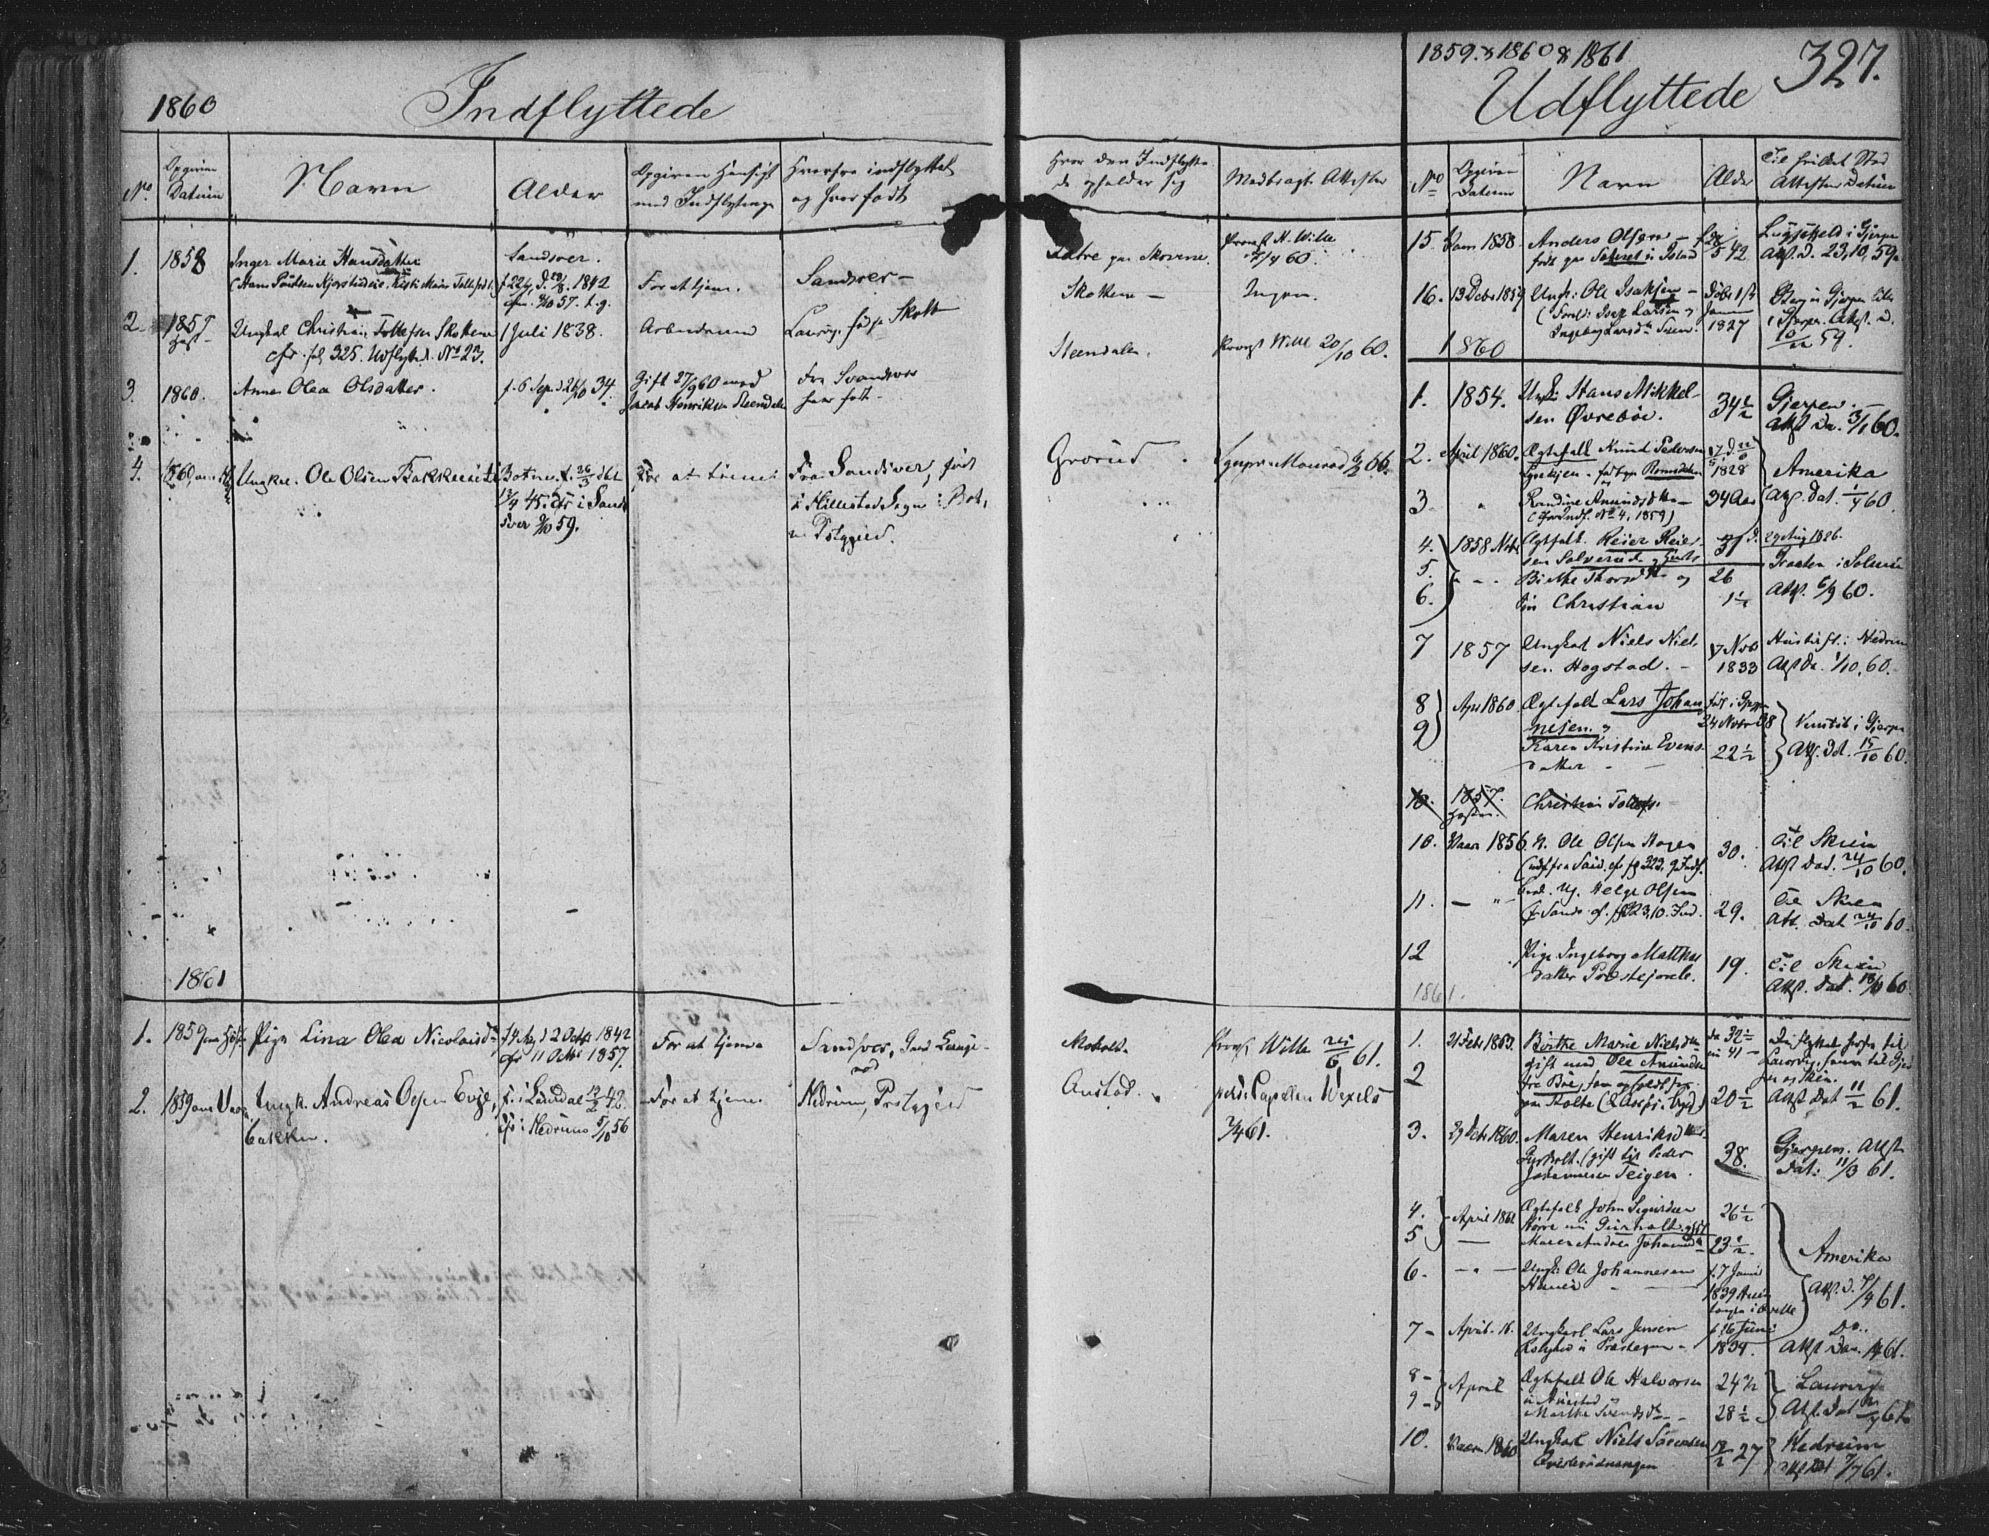 SAKO, Siljan kirkebøker, F/Fa/L0001: Ministerialbok nr. 1, 1831-1870, s. 327